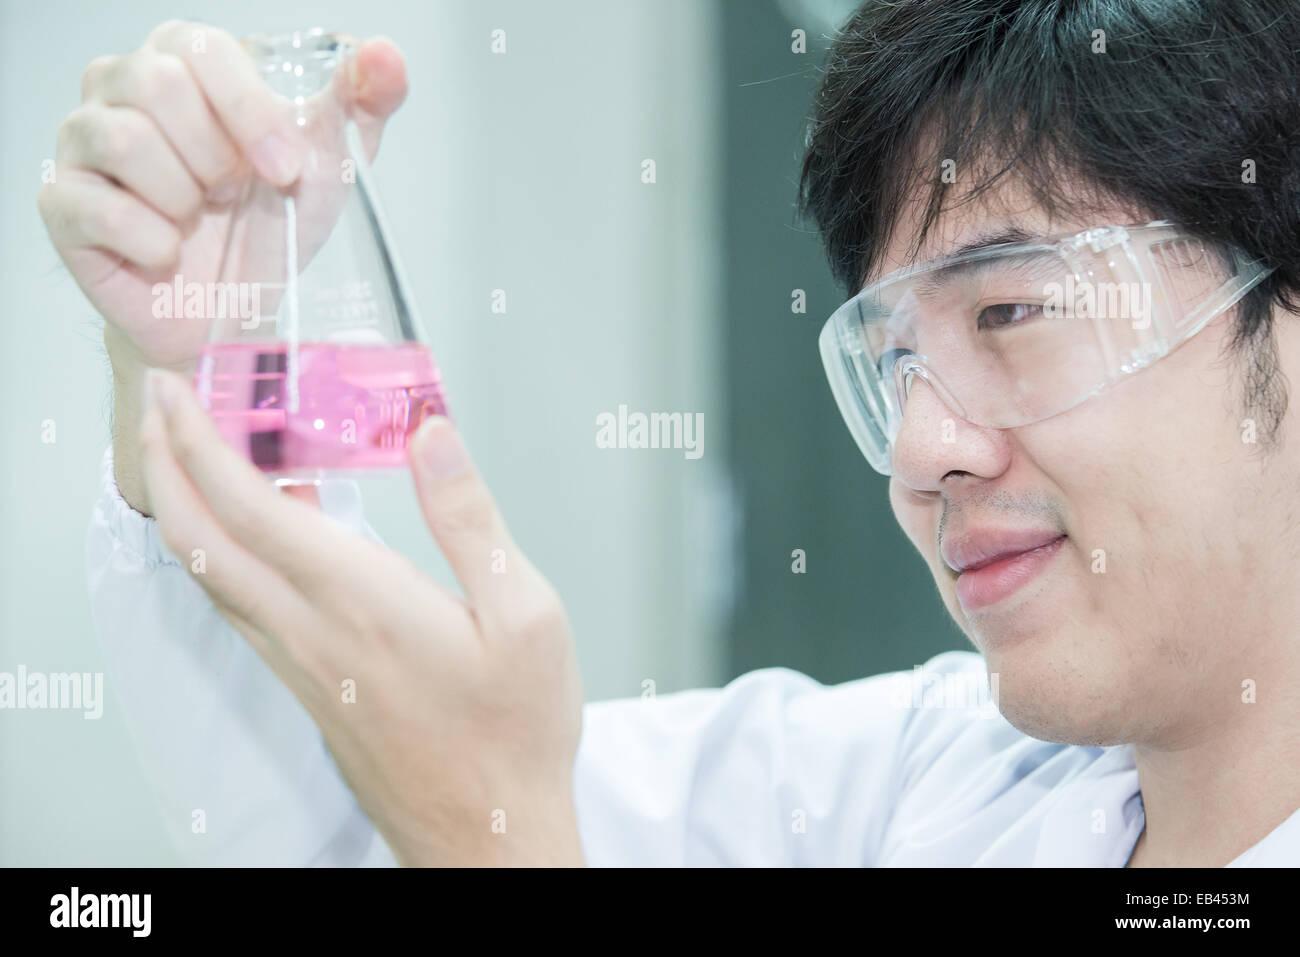 Ricercatore asiatici guardare felice il risultato dell'esperimento Immagini Stock